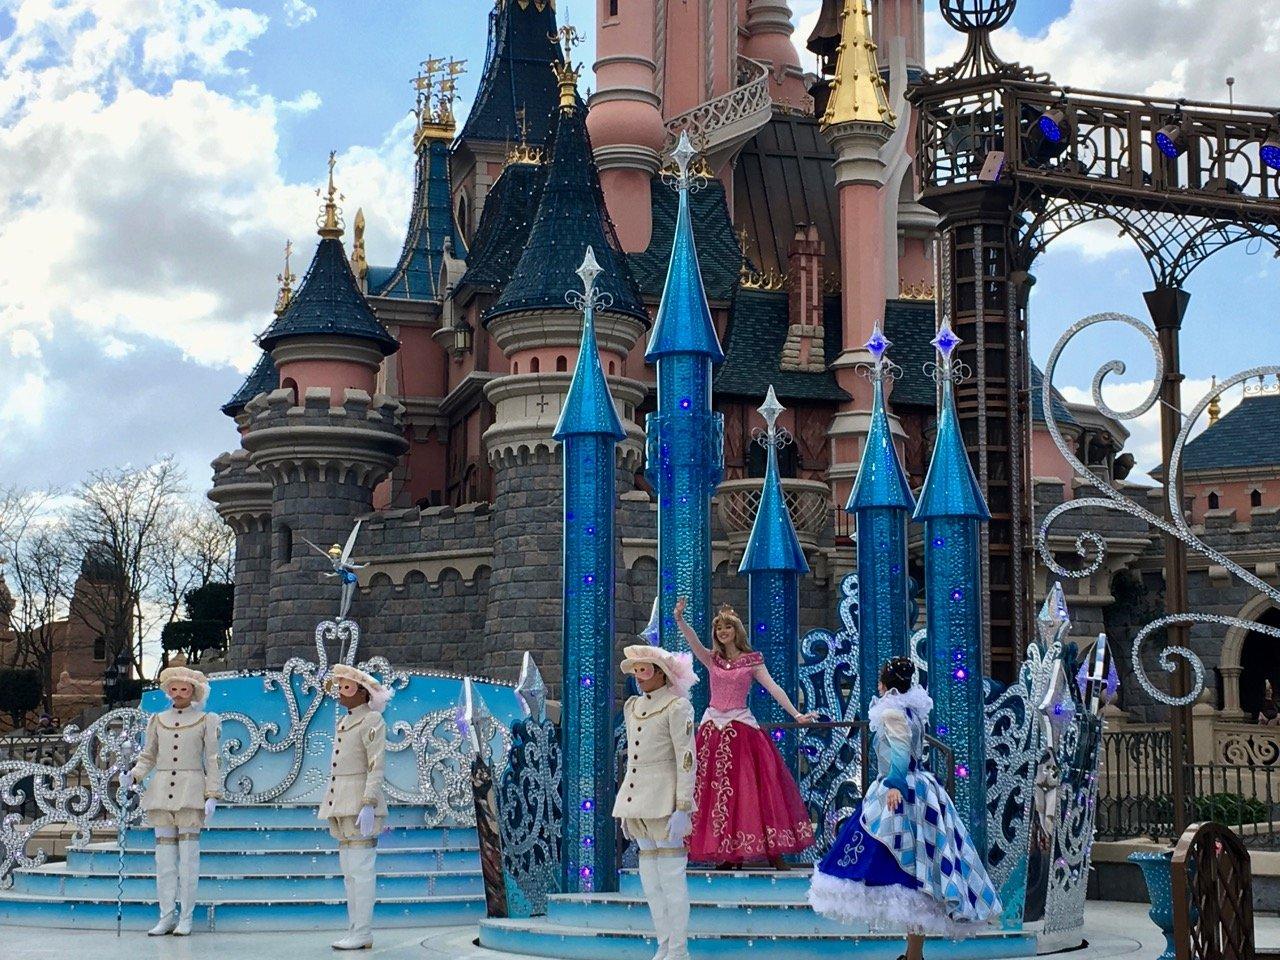 Direkt neben dem Schloss finden regelmäßig Shows statt